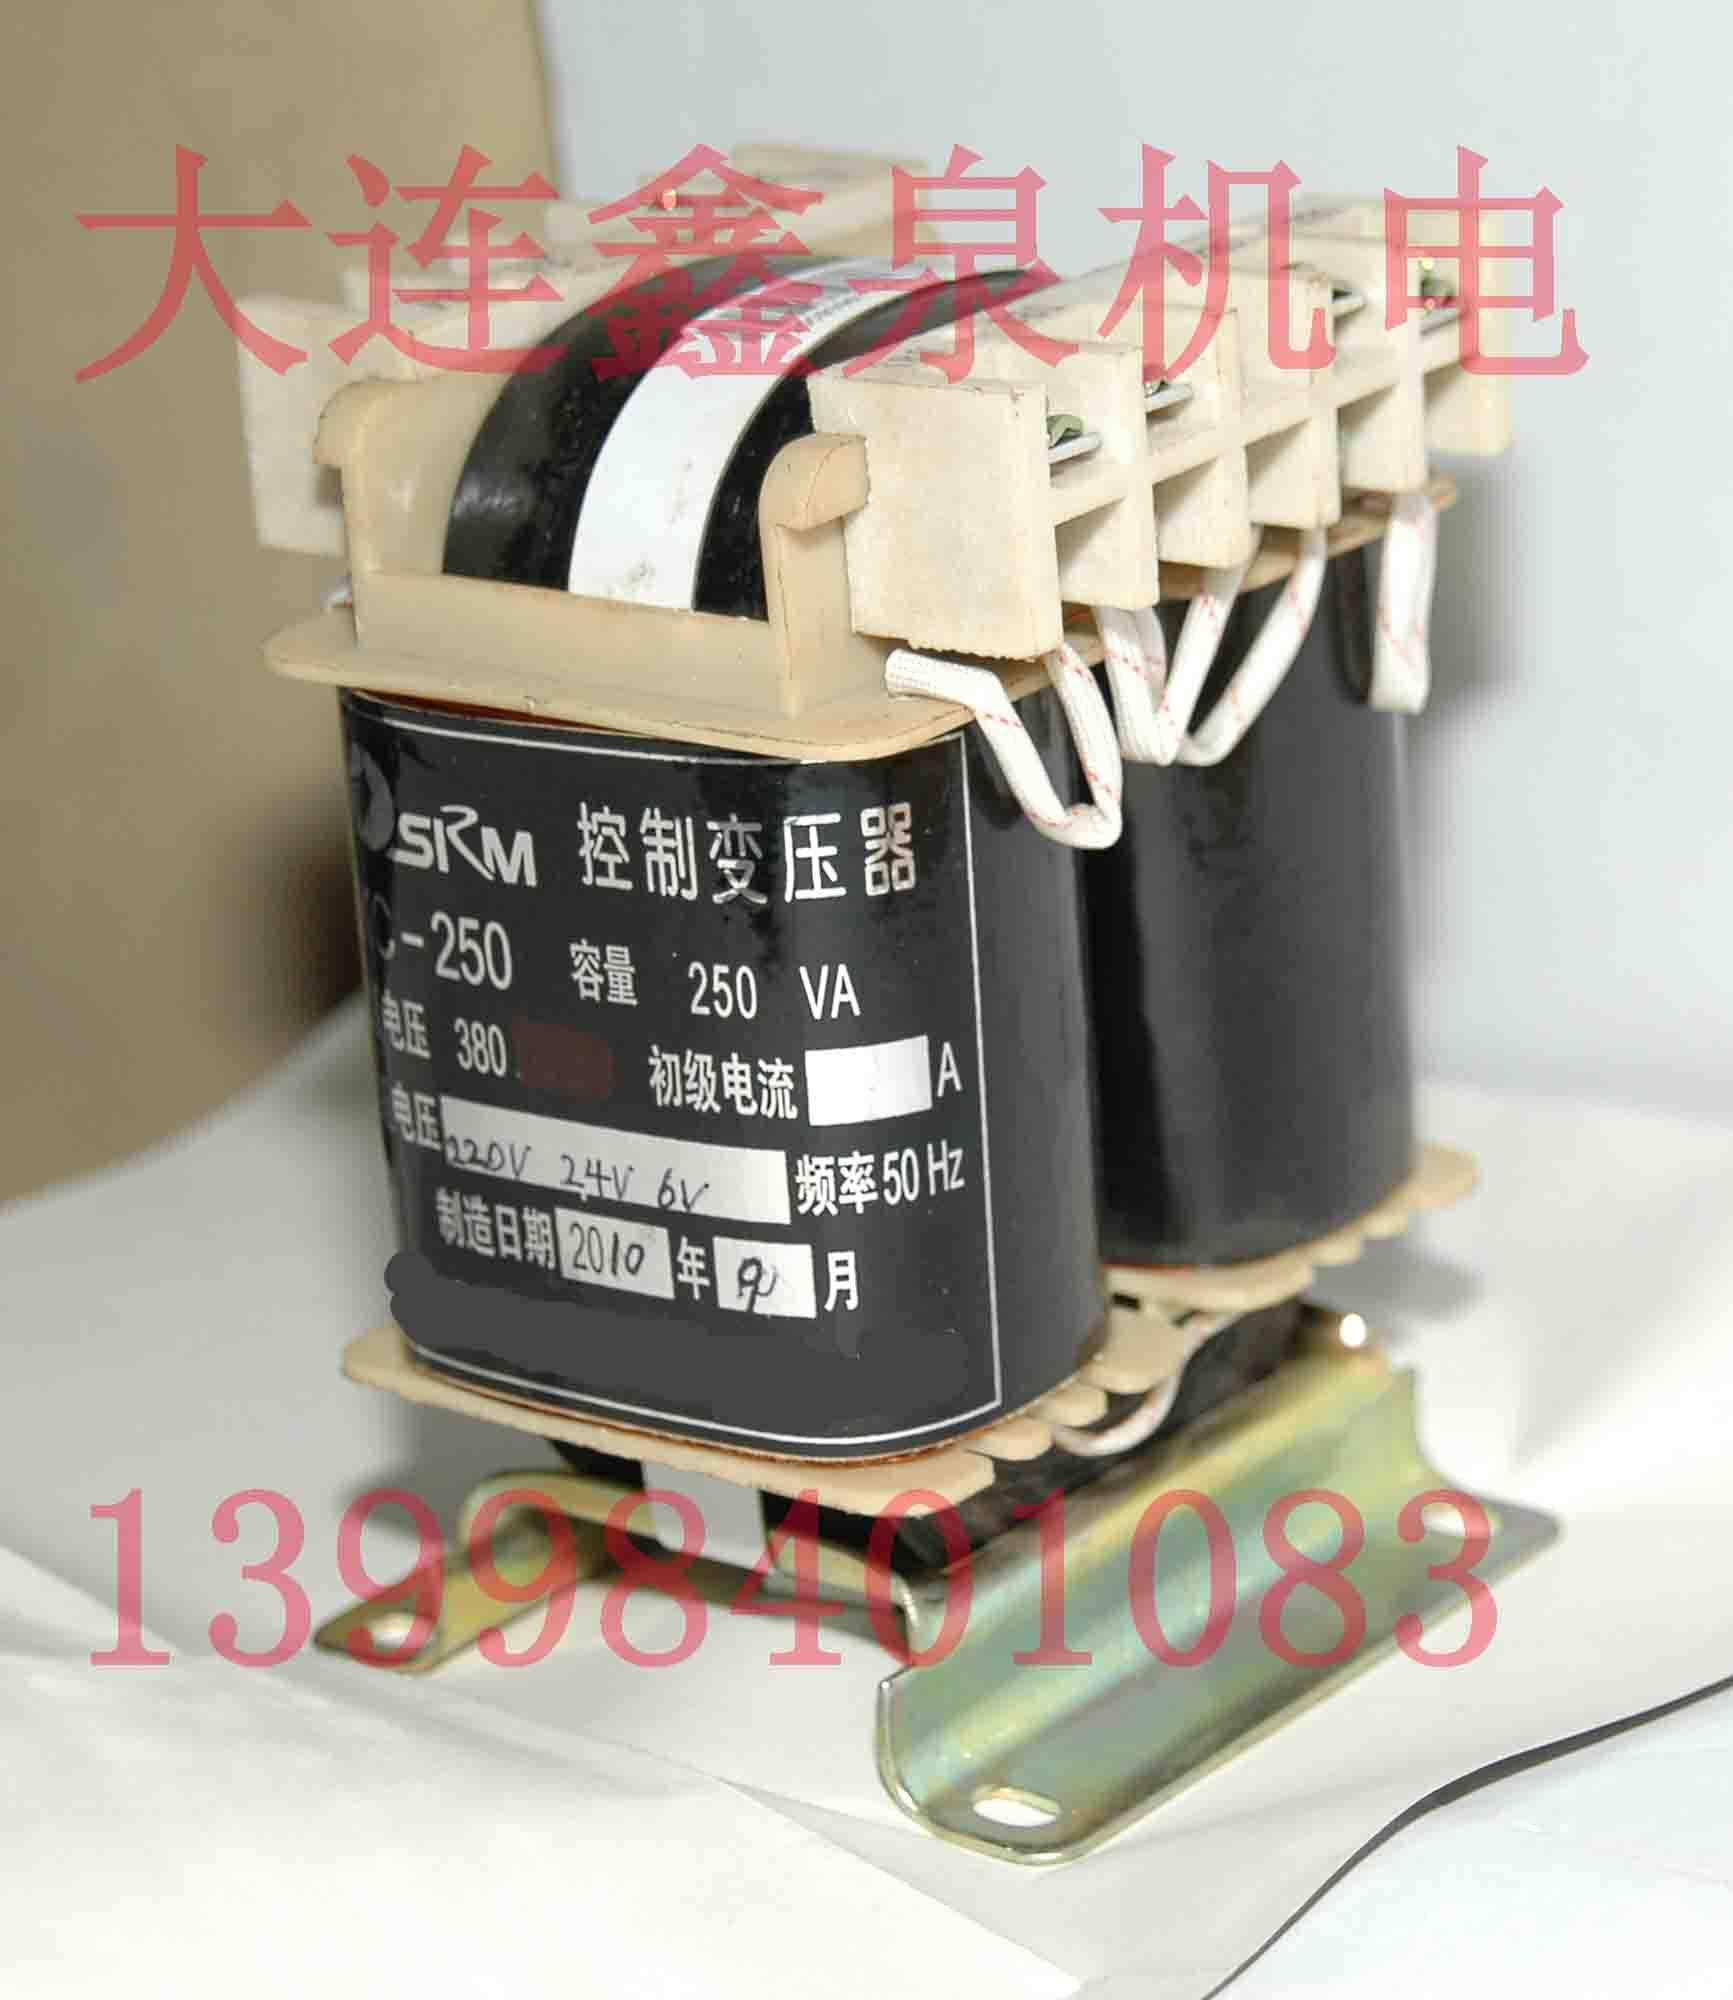 jbk机床控制变压器 相关报价